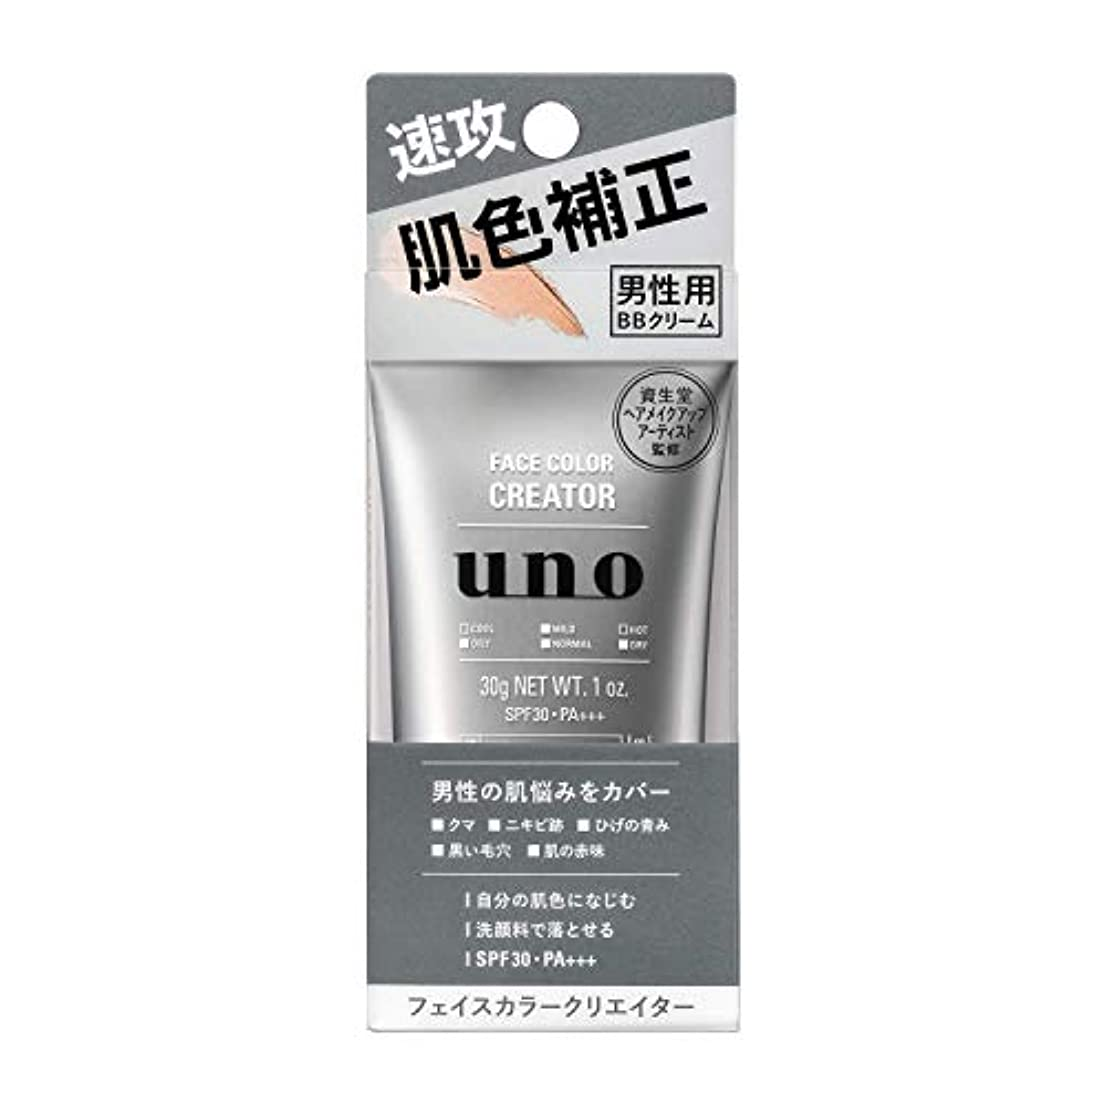 イノセンスコンパイル訴える《セット販売》 資生堂 uno ウーノ フェイスカラークリエイター (30g)×3個セット メンズ 男性用 BBクリーム SPF30 PA+++